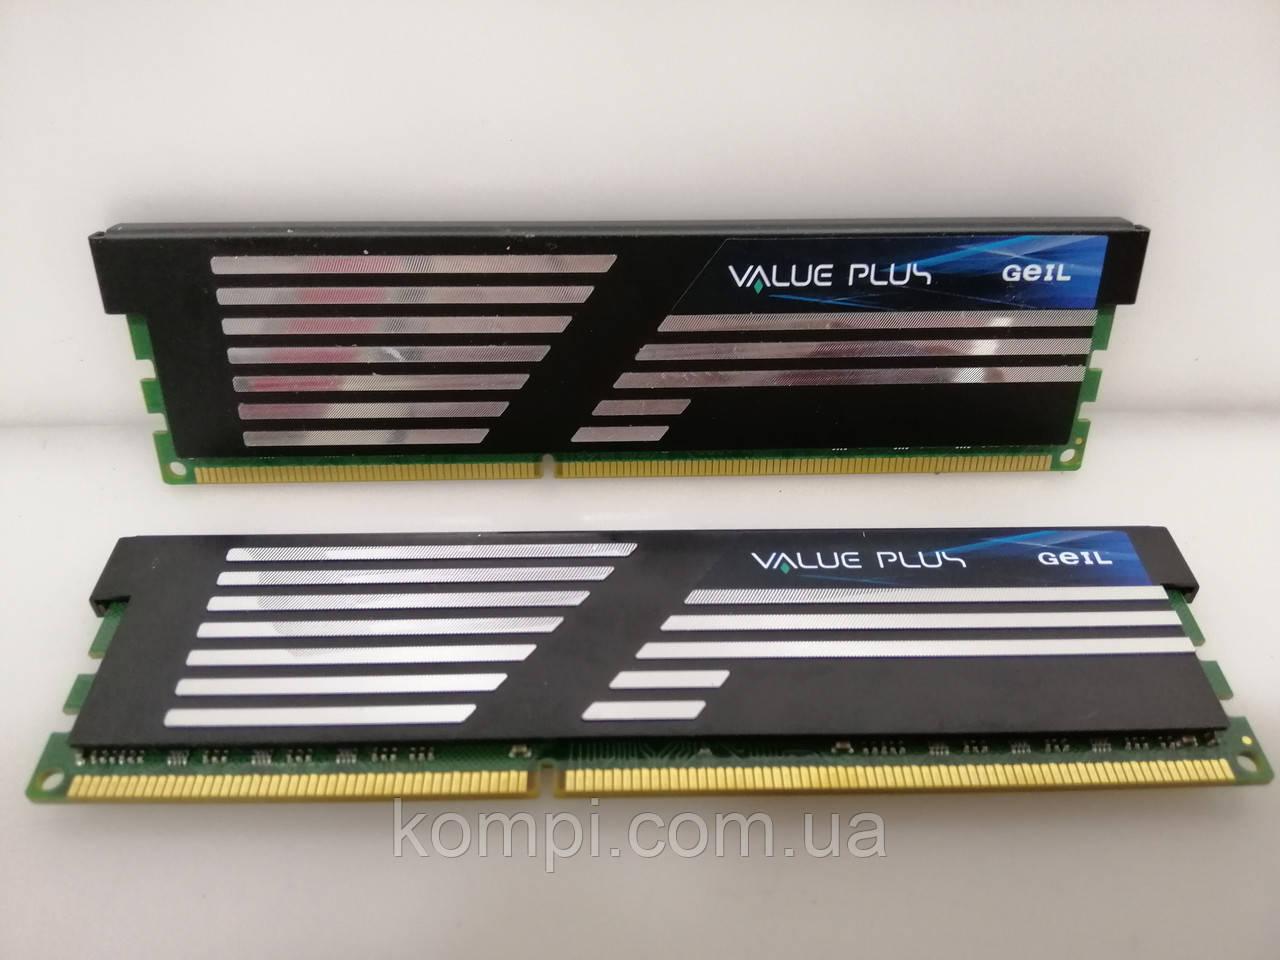 Оперативная память GEIL 4Gb(KIT 2x2GB) DDR3 PC3-12800 CL-8 !!!!  б/у